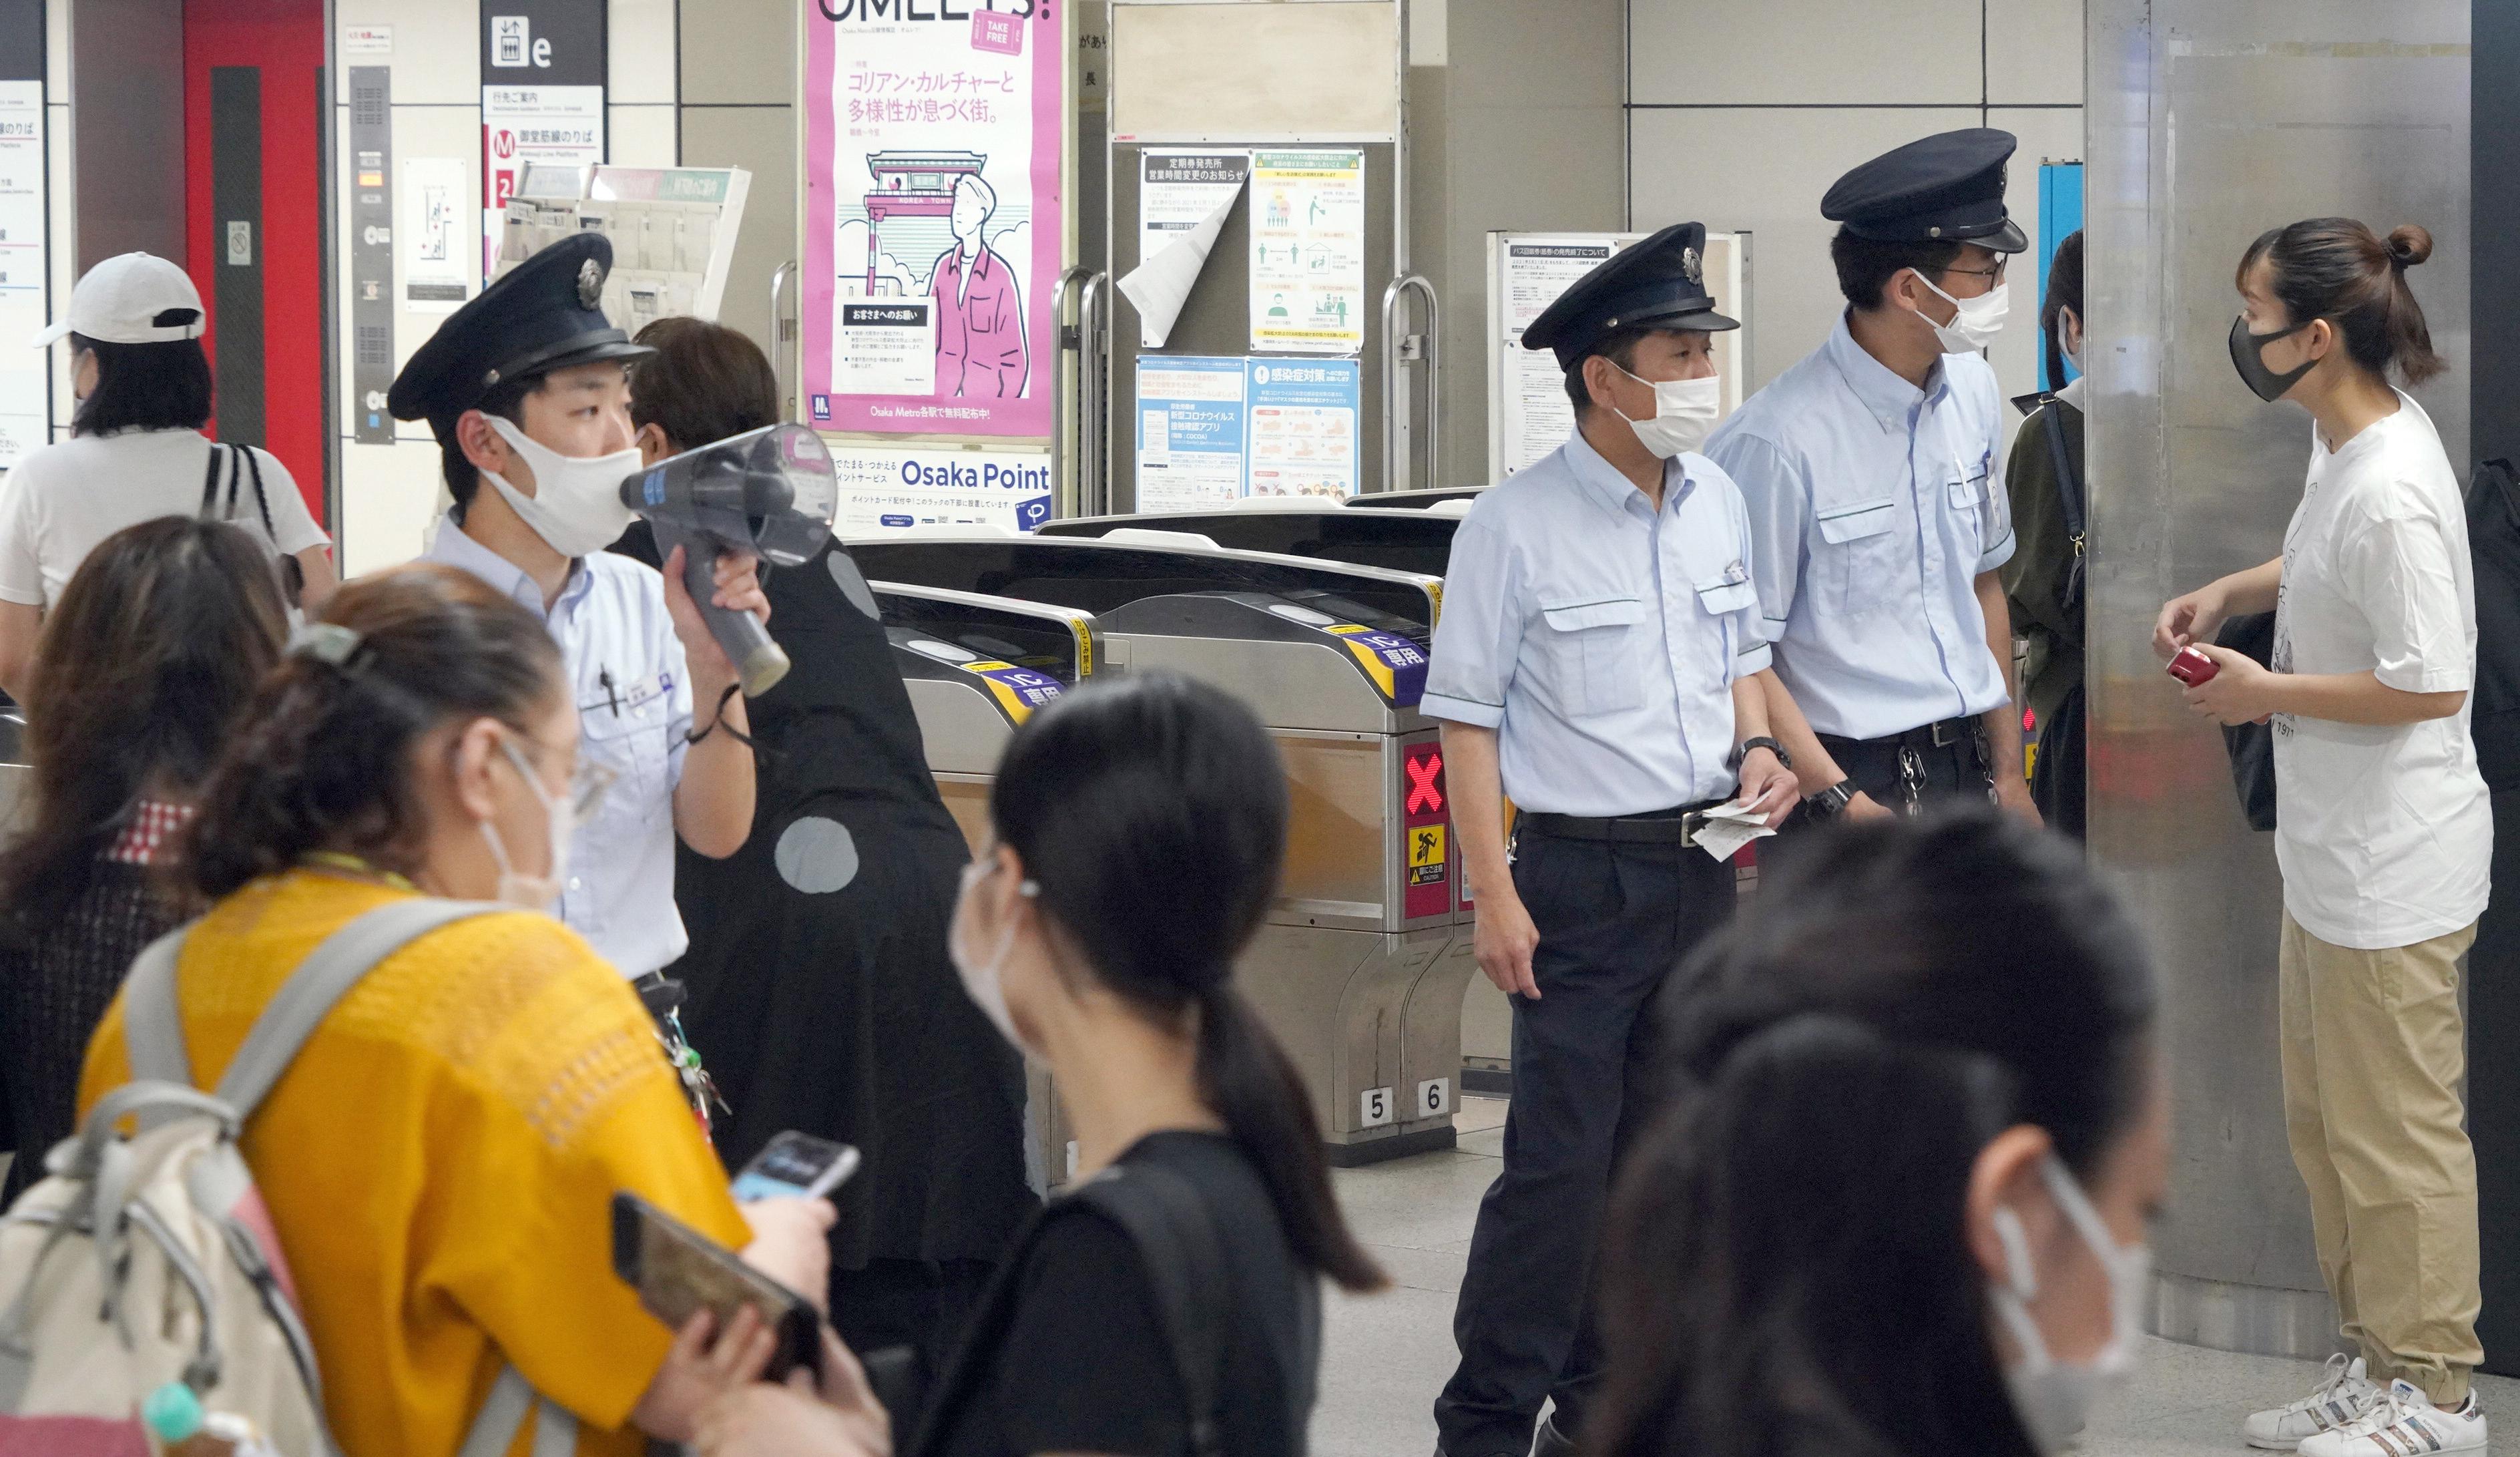 御堂筋線が運休し、乗客への対応に追われる大阪メトロなんば駅の駅員=10日午前、大阪市中央区(前川純一郎撮影)